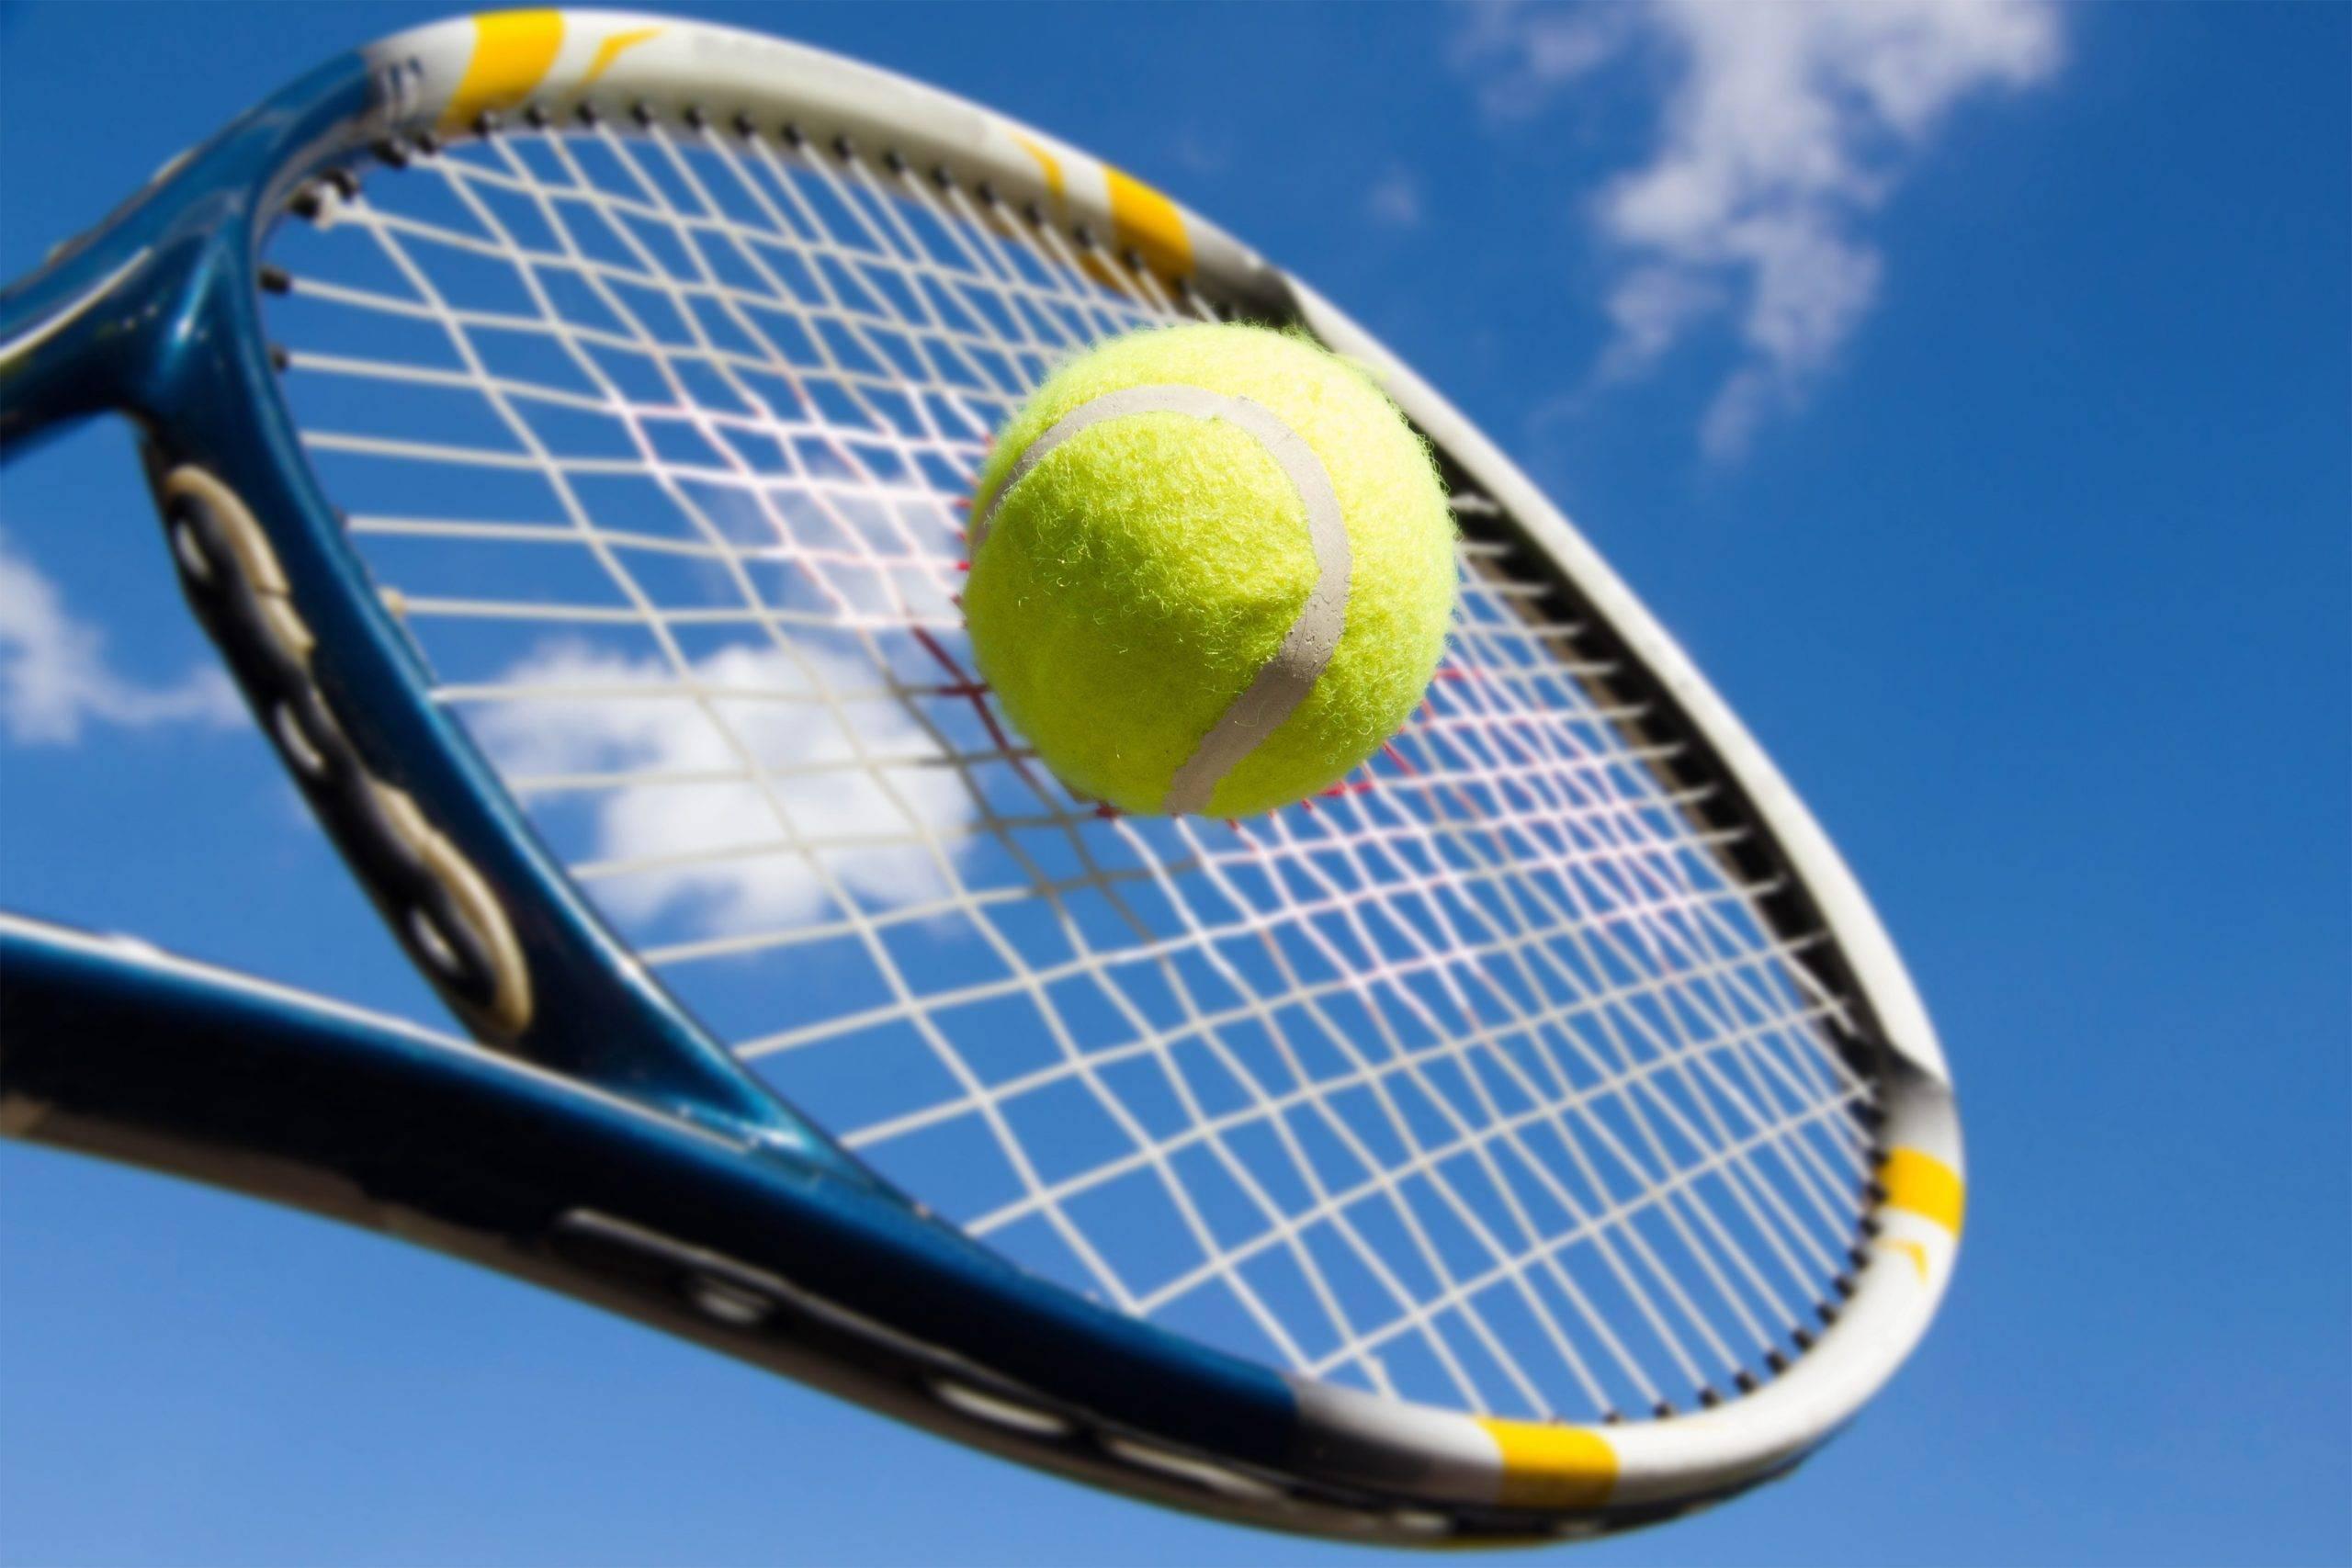 Tennis,Player,Hit,Shot,Ball